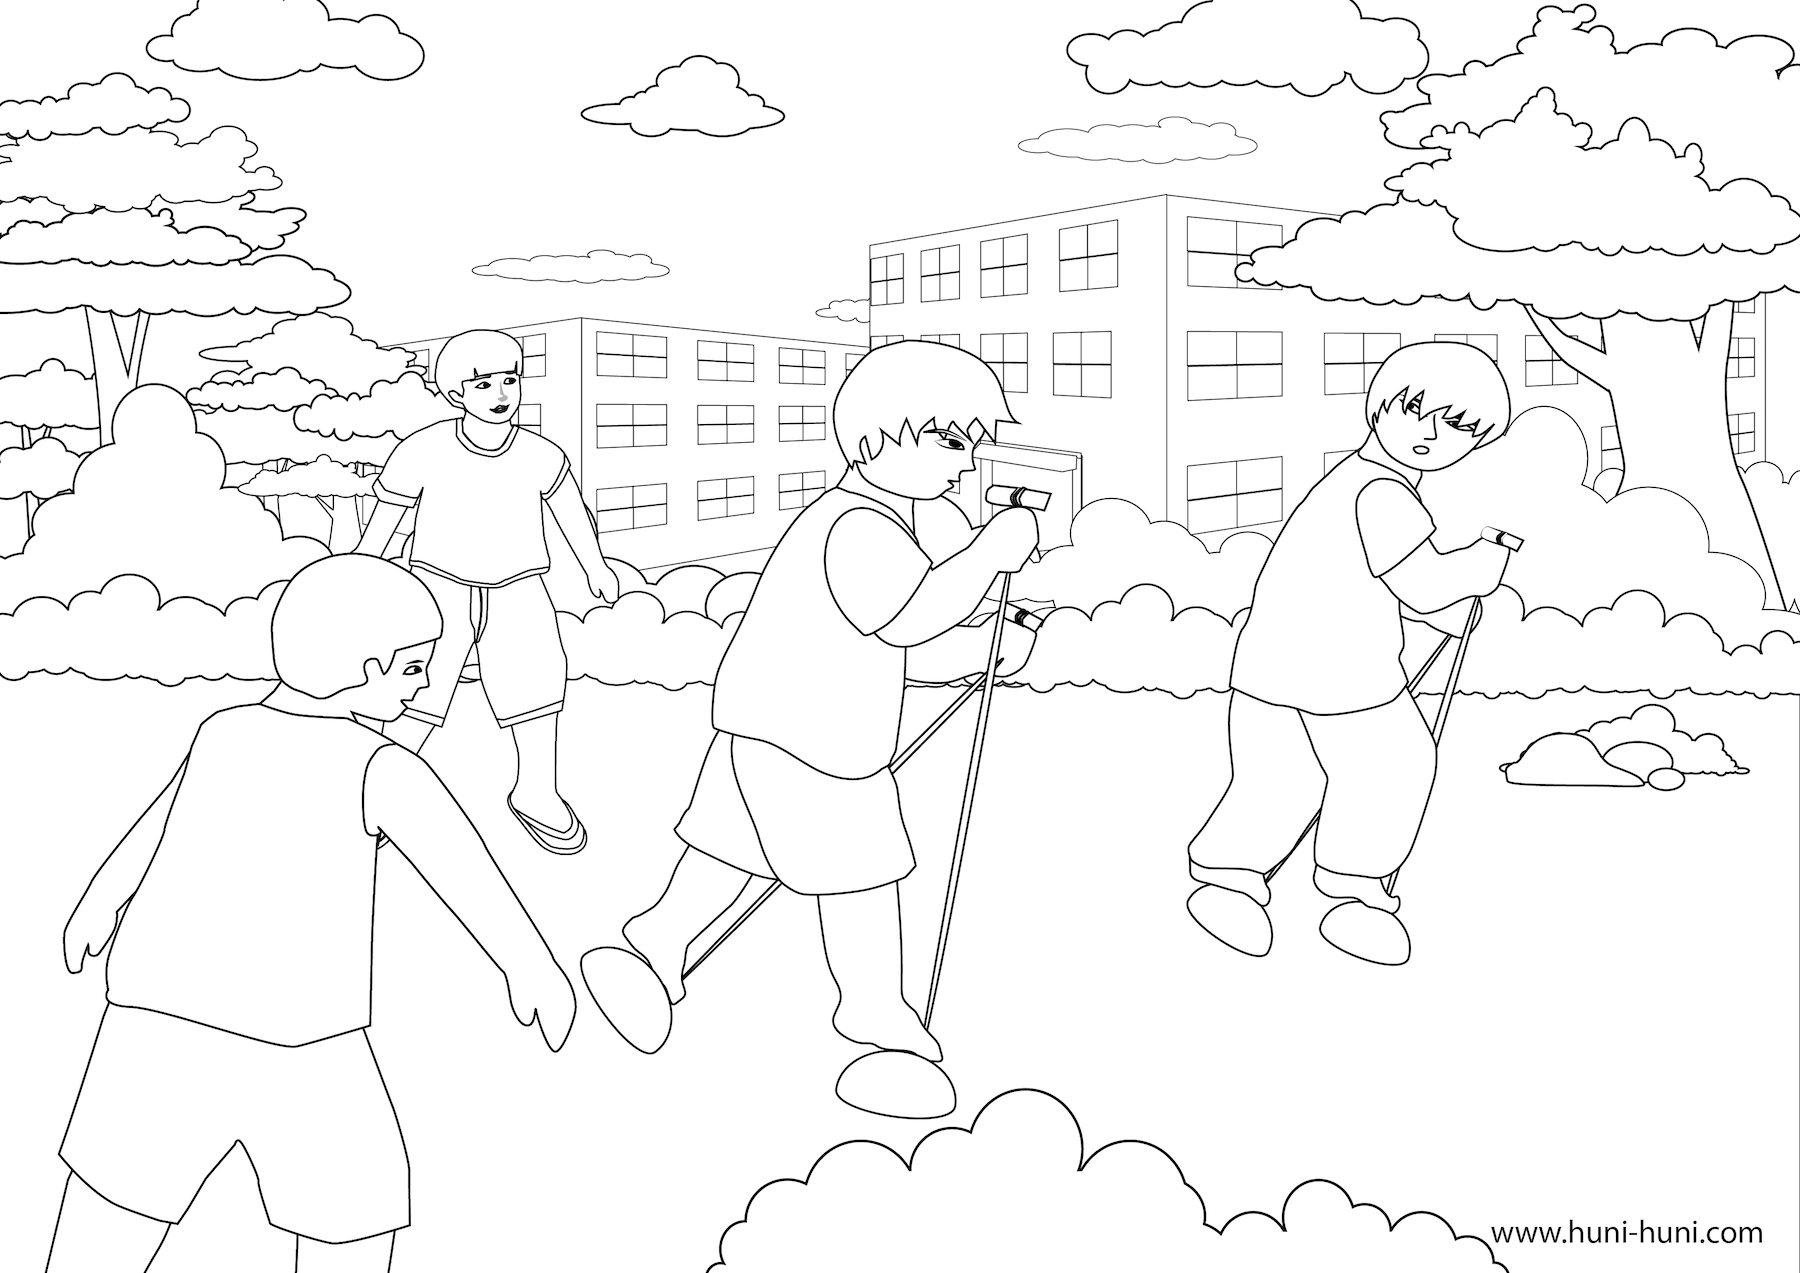 huni-huni-coloring-page-kadang-kadang